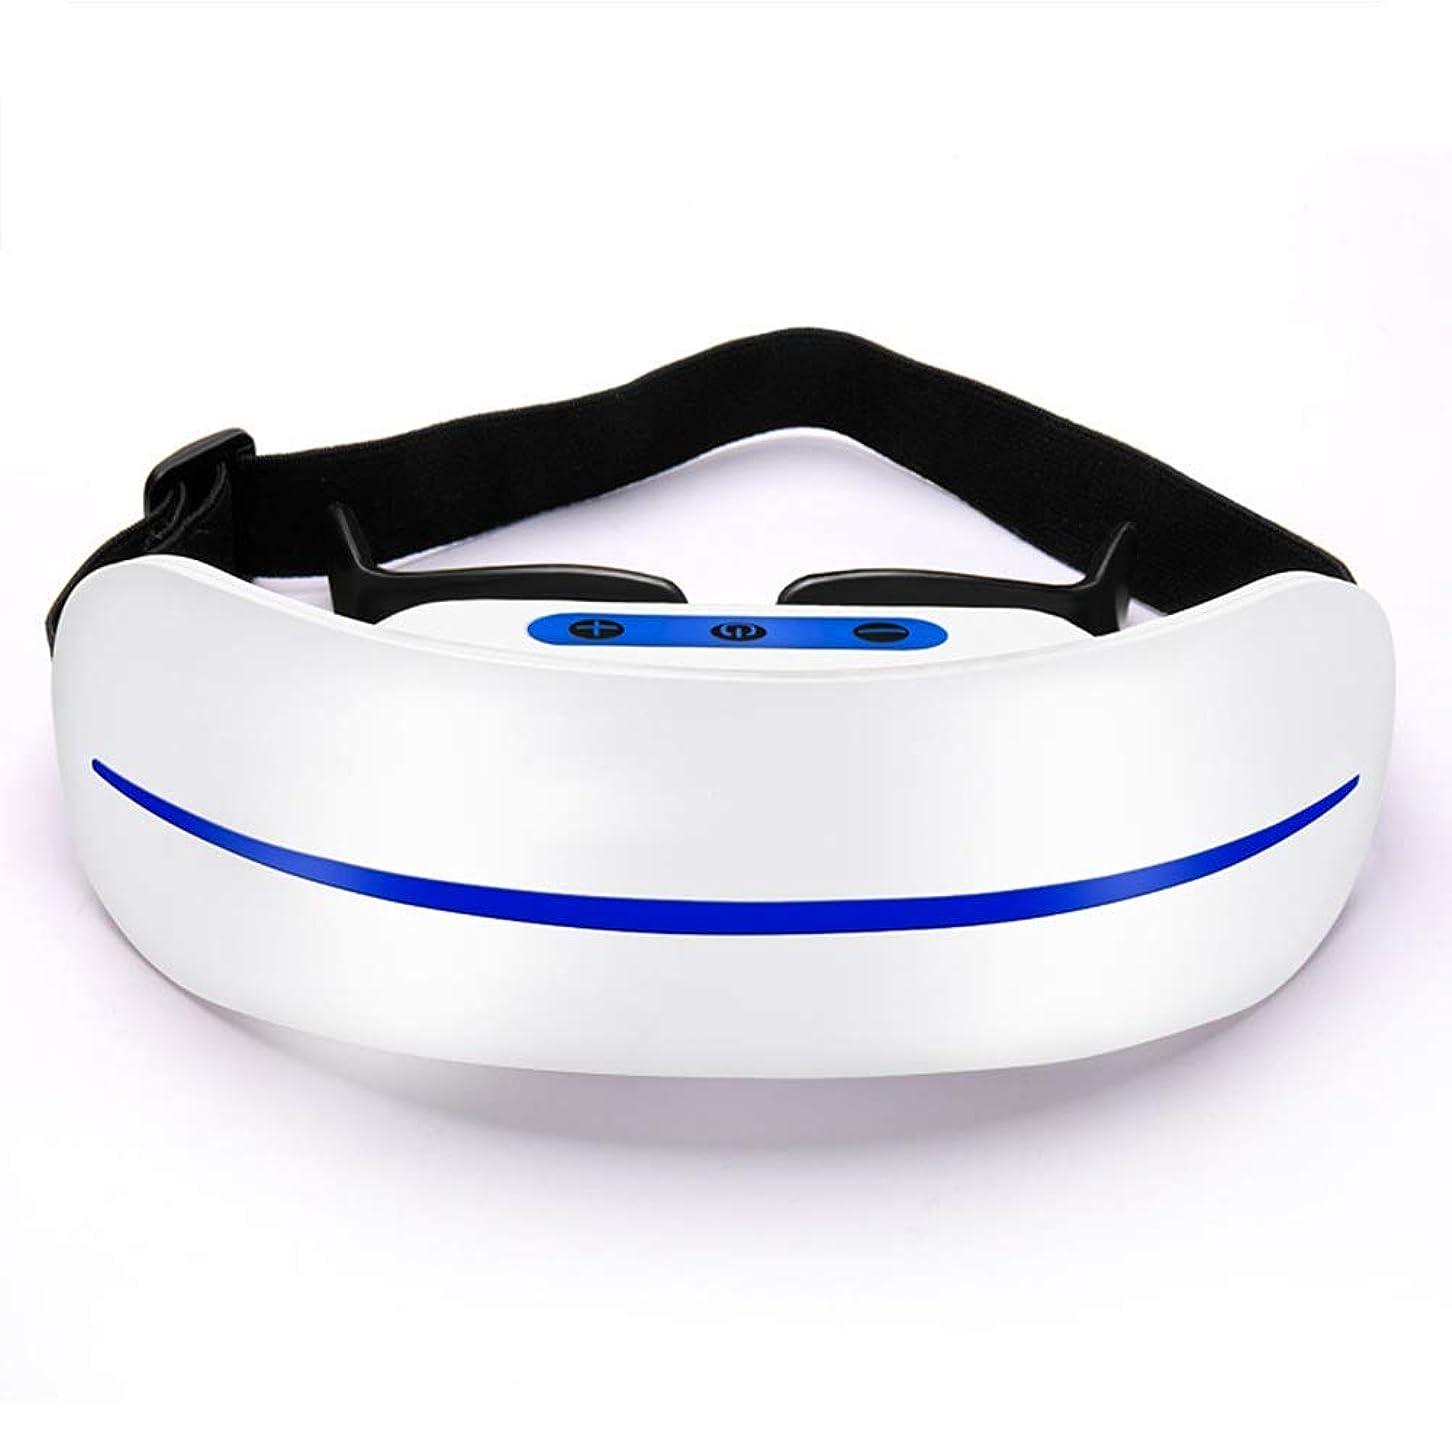 仕立て屋静める薬剤師GWM アイマッサージャーエレクトリックは、ドライアイ、目の疲れ、失明を防ぎます。